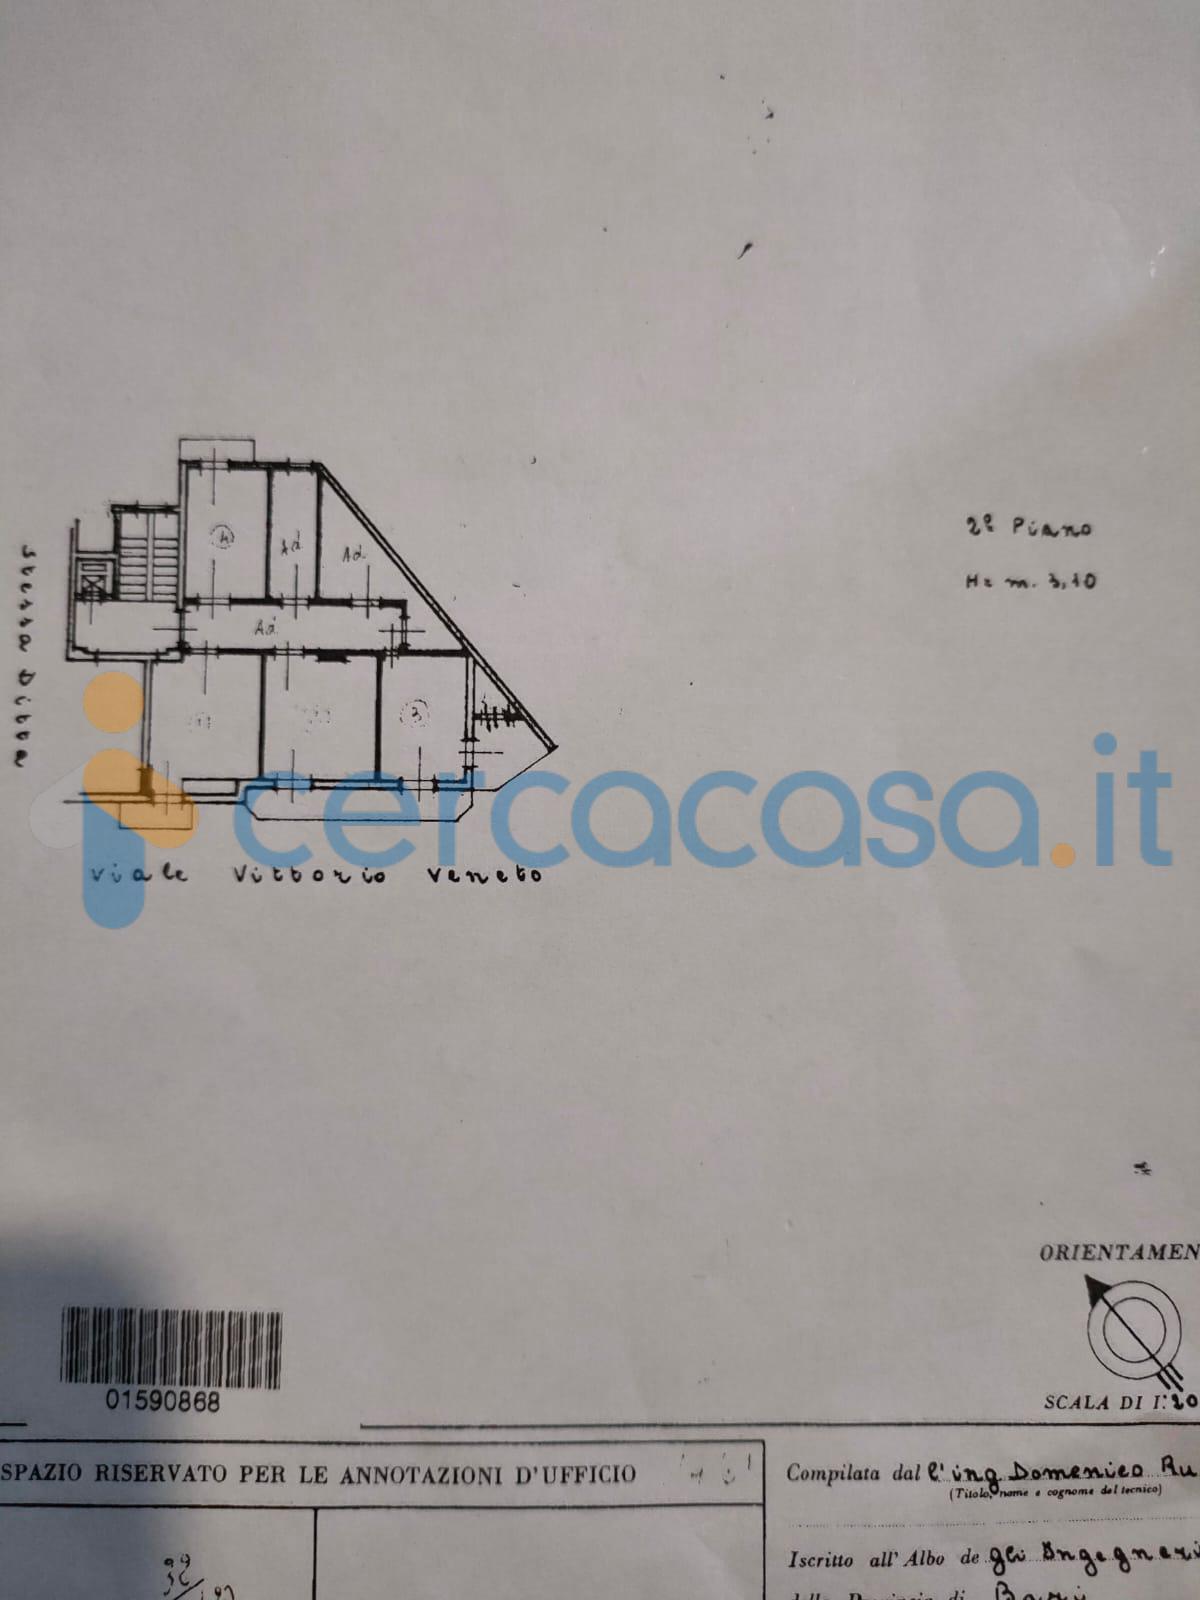 _appartamento-a-_corato-_viale-_v__002e-_veneto-n__002e-119